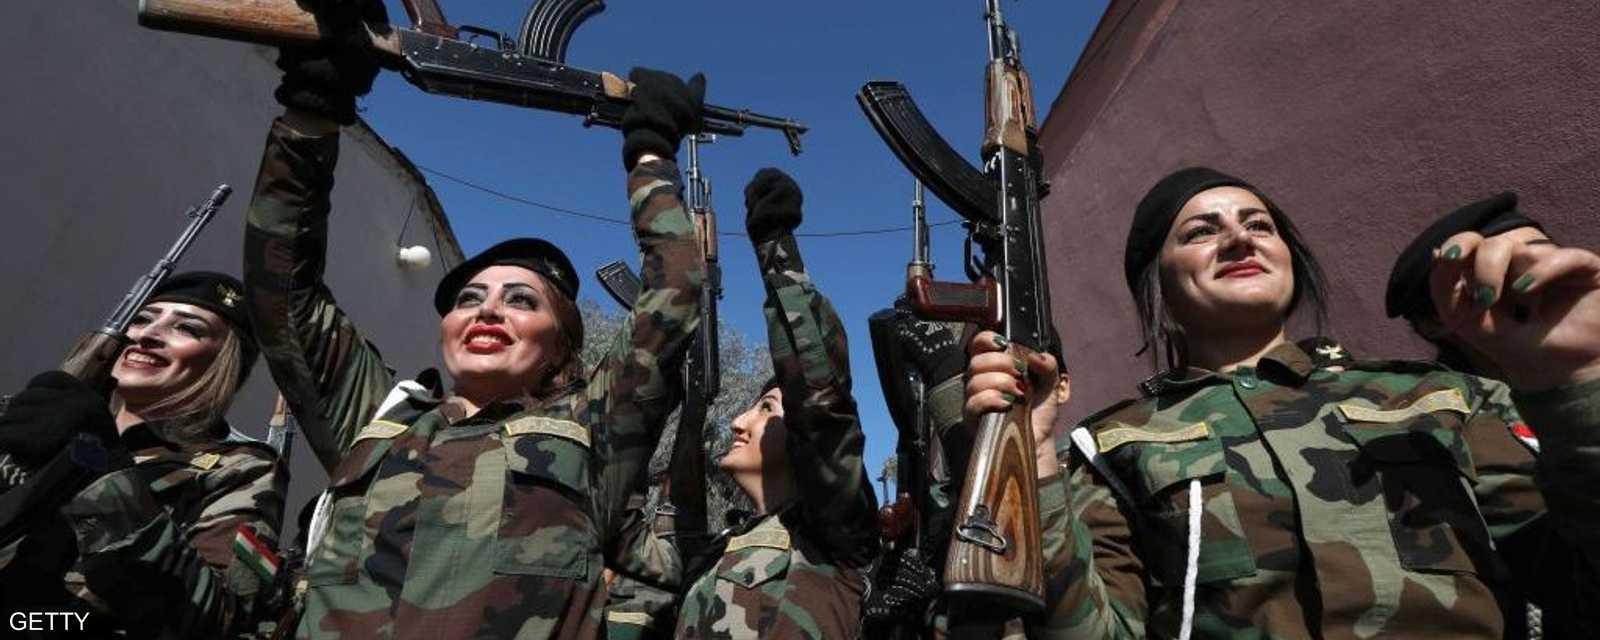 الكرديات لهن مساهمات فاعلة في القتال بسوريا والعراق